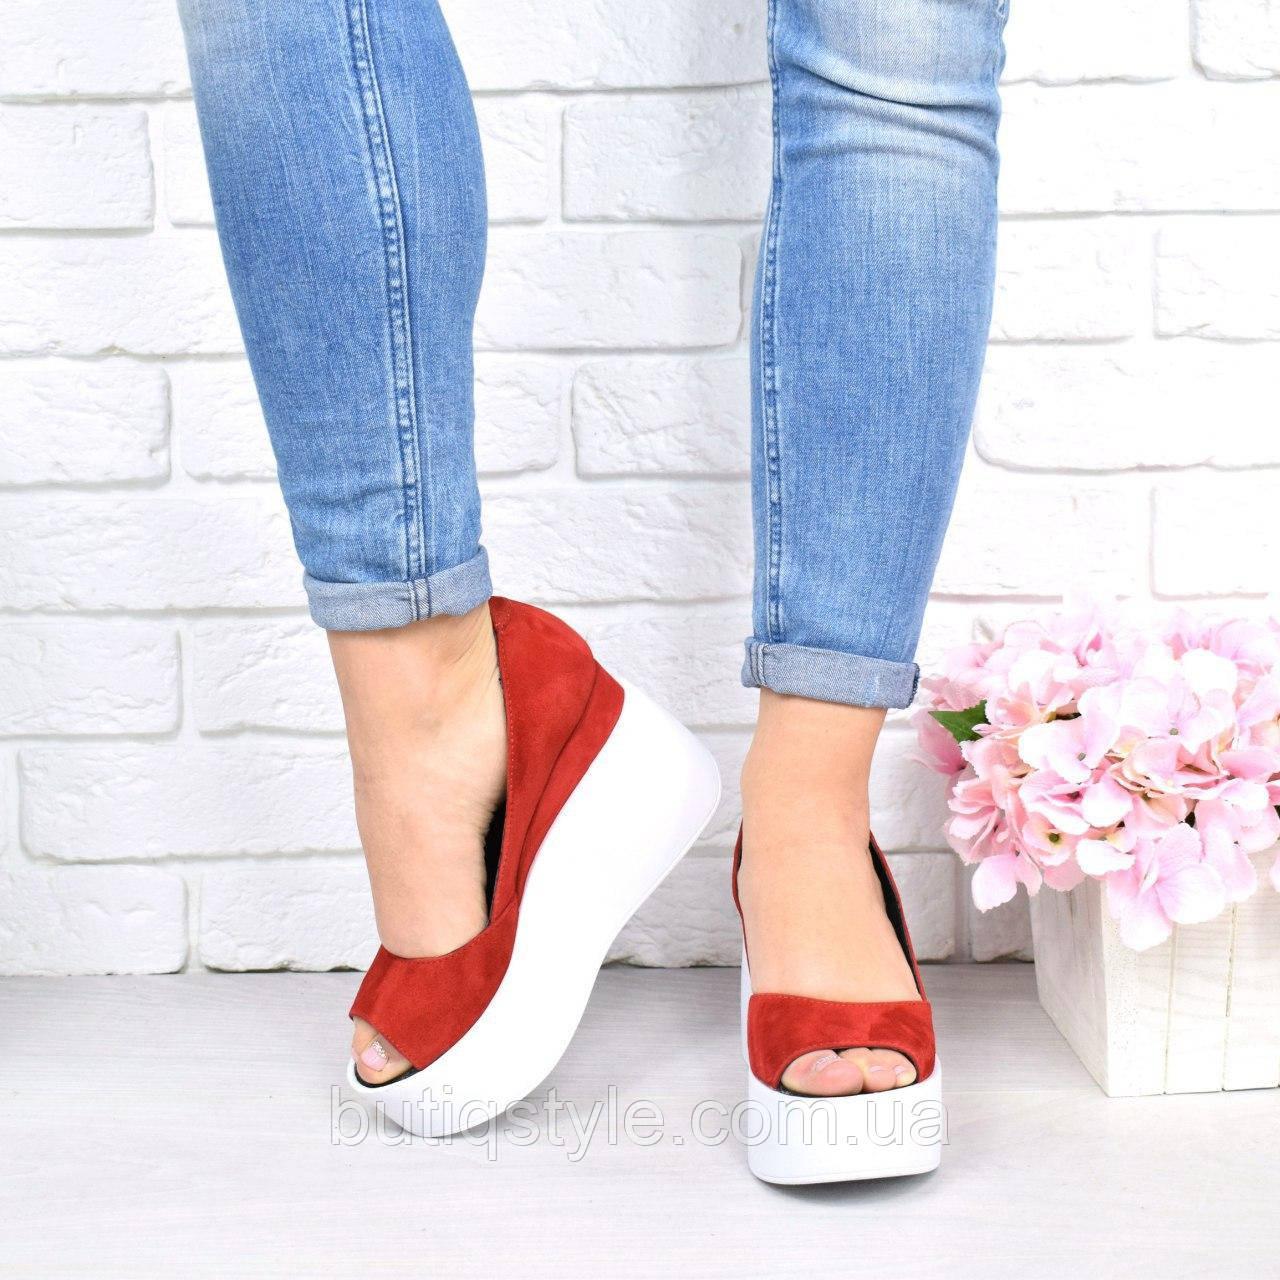 38 размер Женские красные туфли на белой платформе с открытым носком натуральный замш